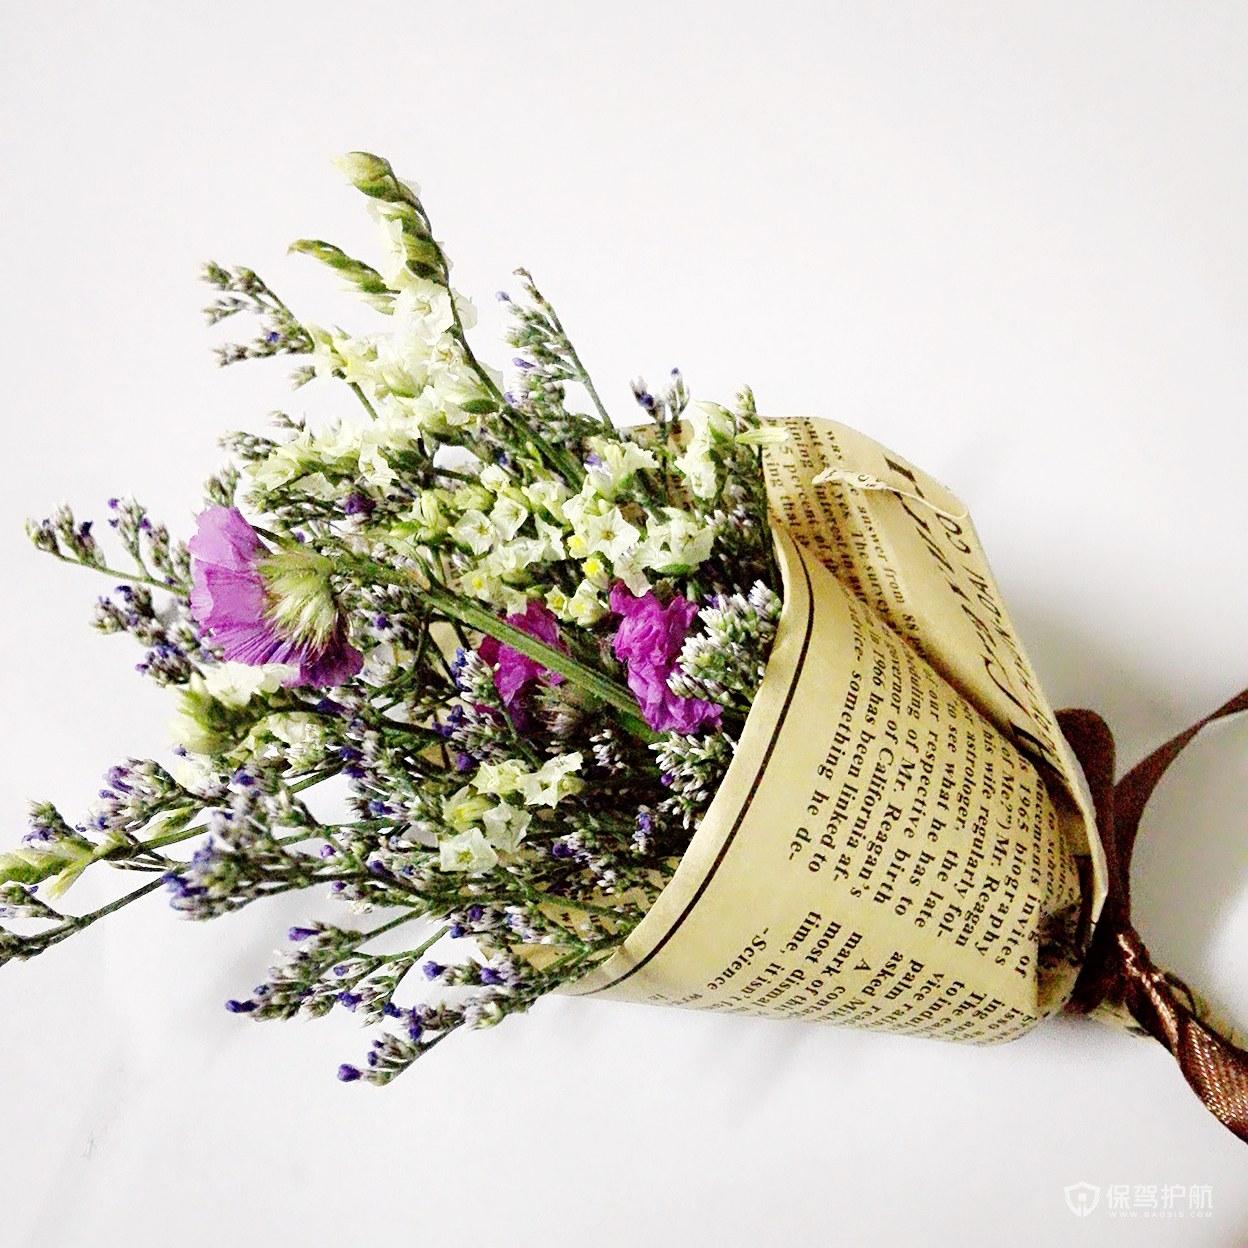 婚房里摆干花还是鲜花?家里摆放干花要注意什么?